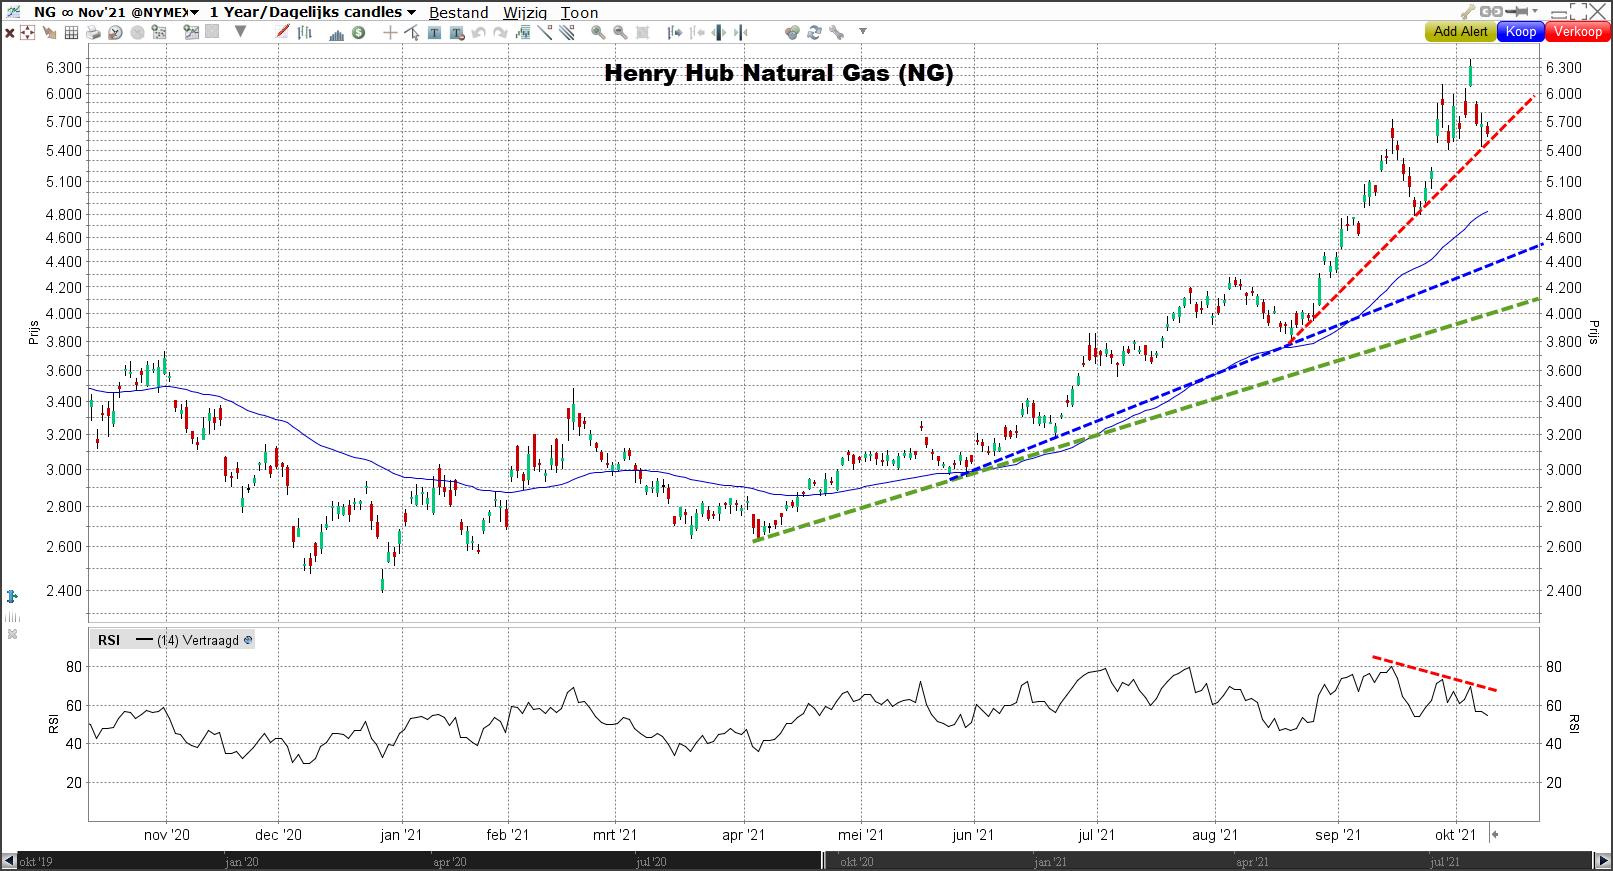 Grafiek Henry Hub Natural Gas (NG)